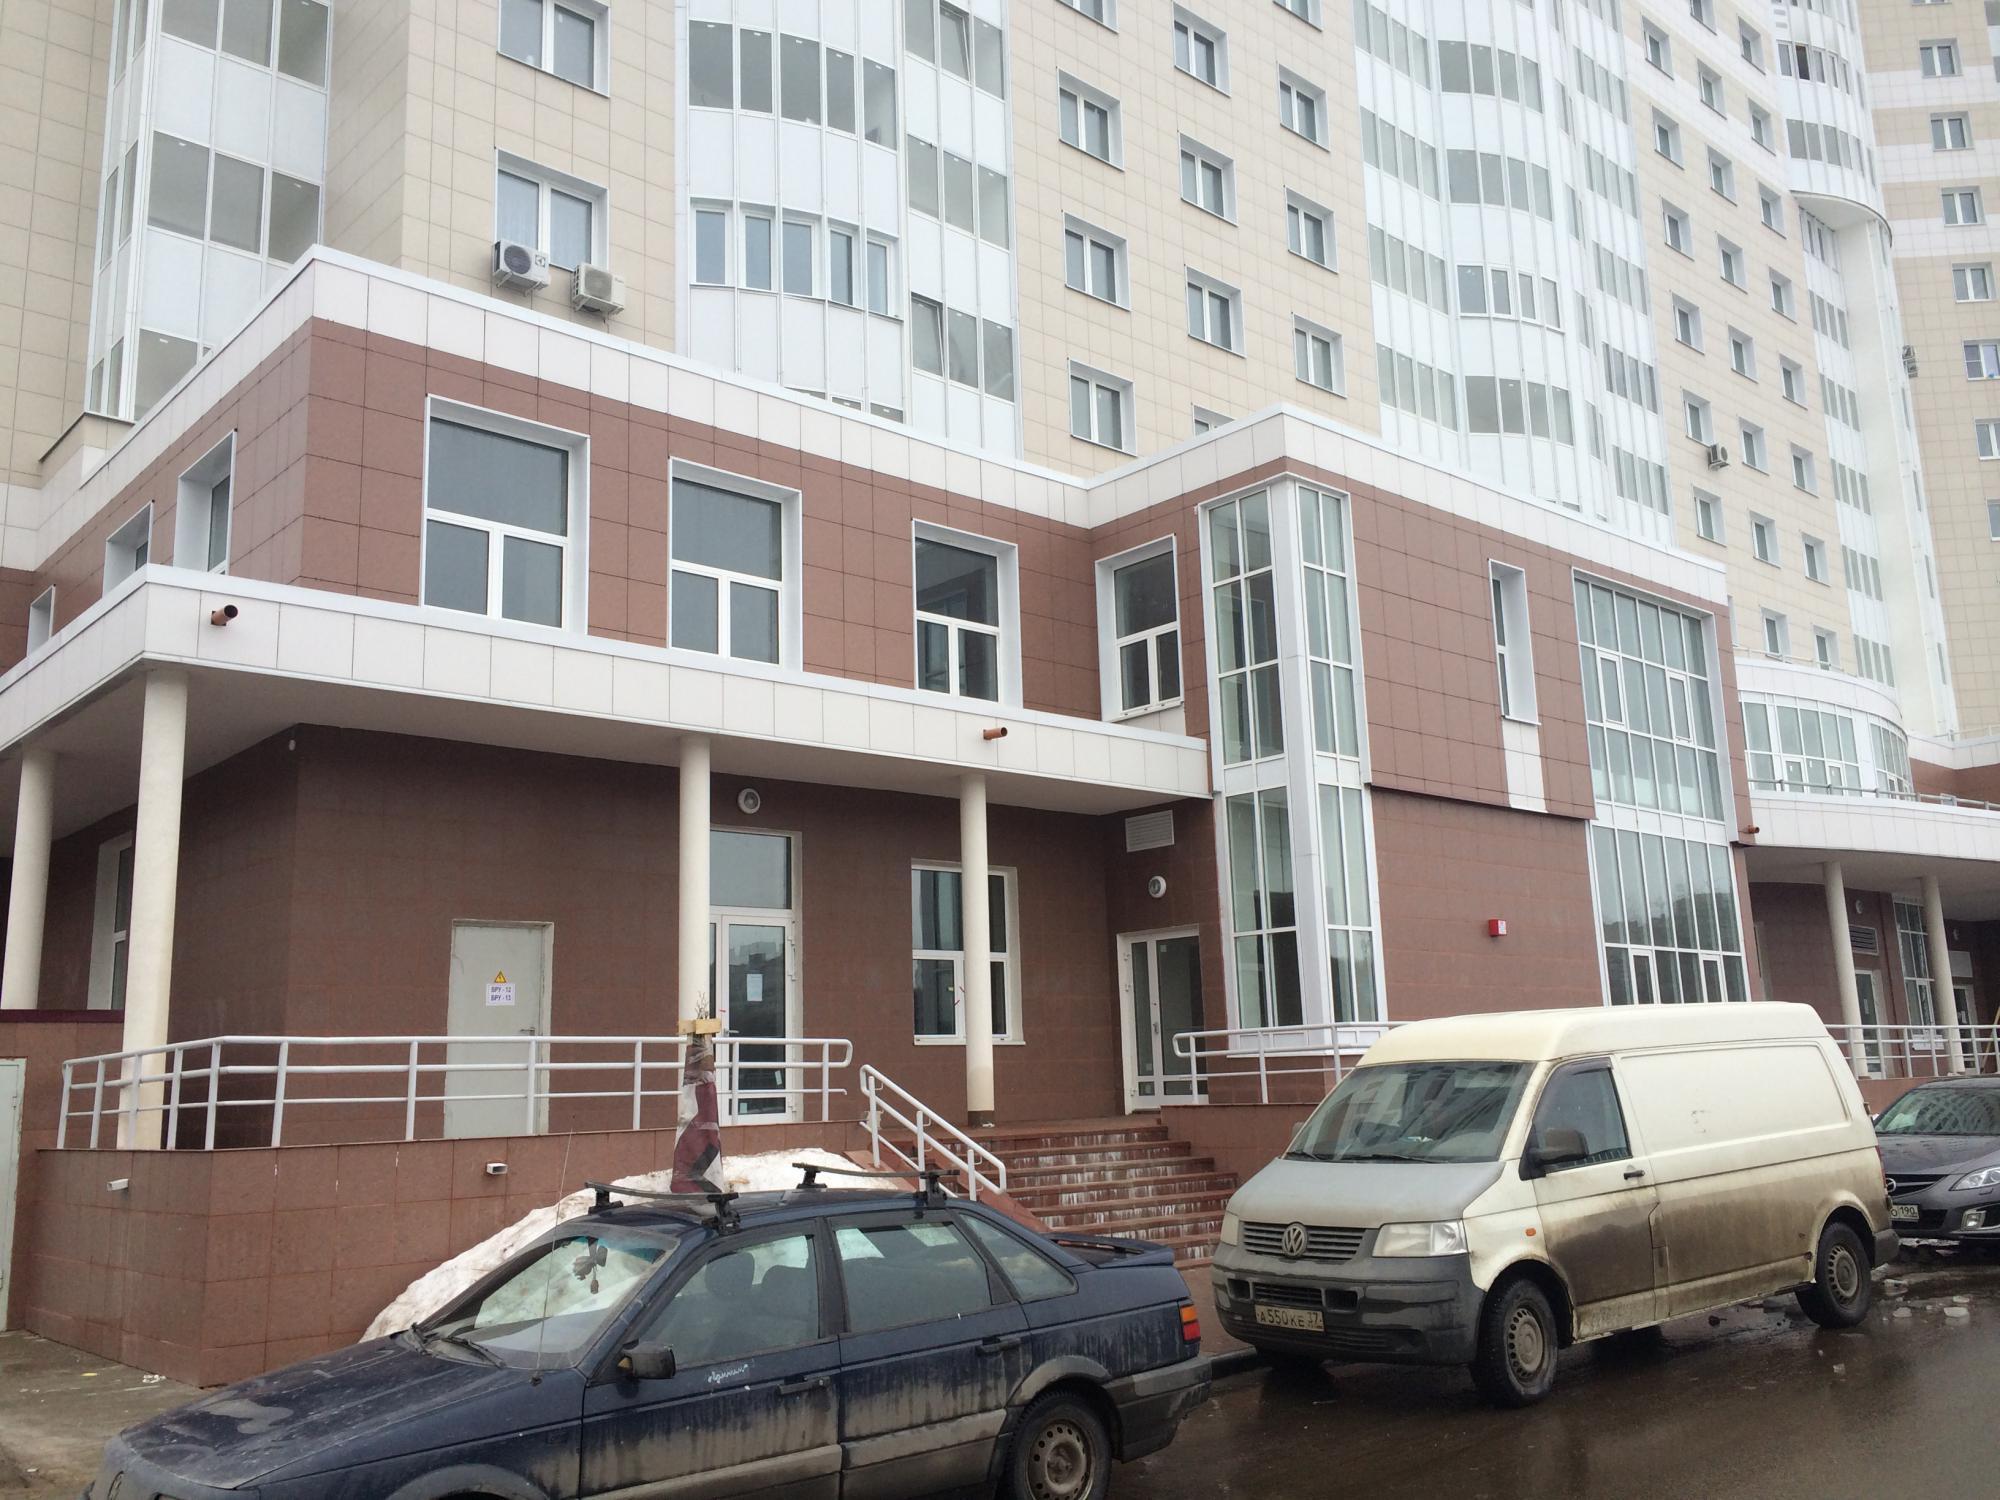 Московская область, г. Пушкино, ул. Чехова, дом 1, корпус 1 - 1